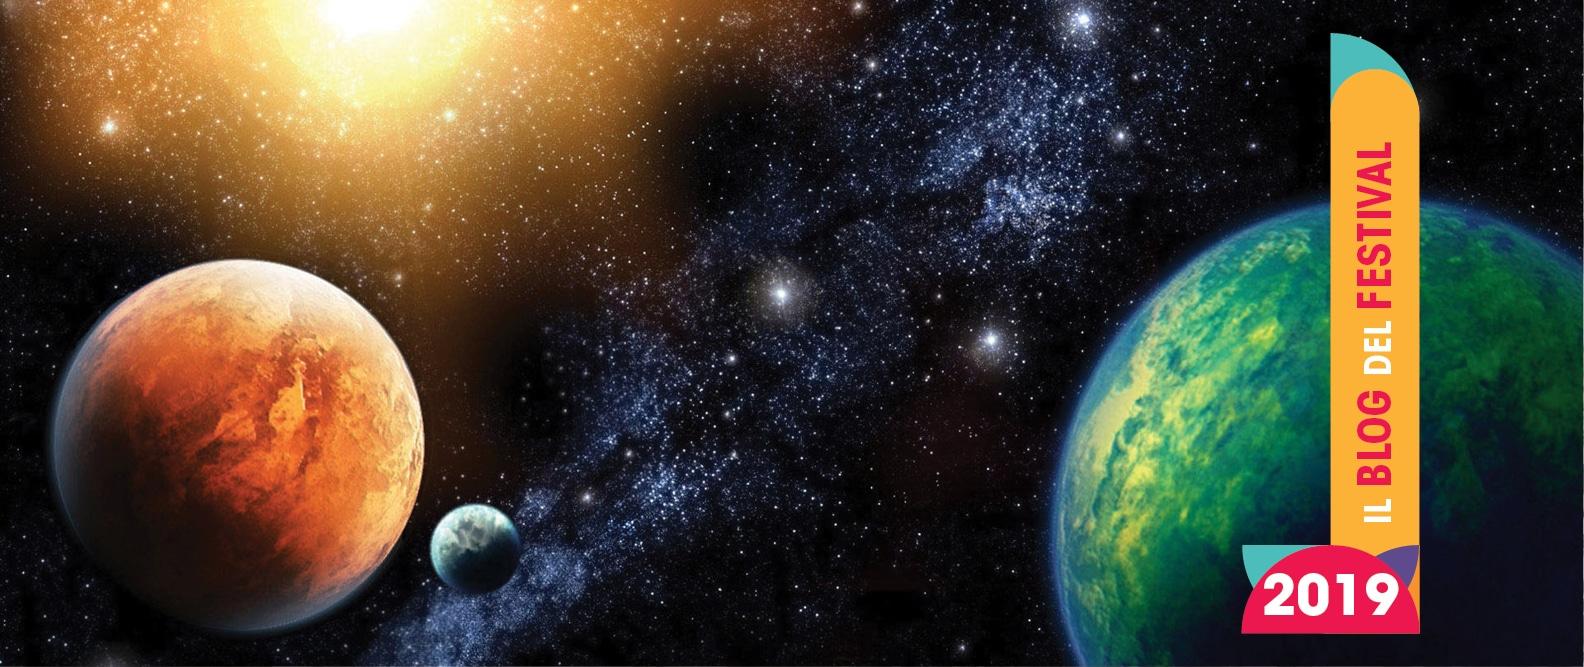 Sito di incontri pianeta nero